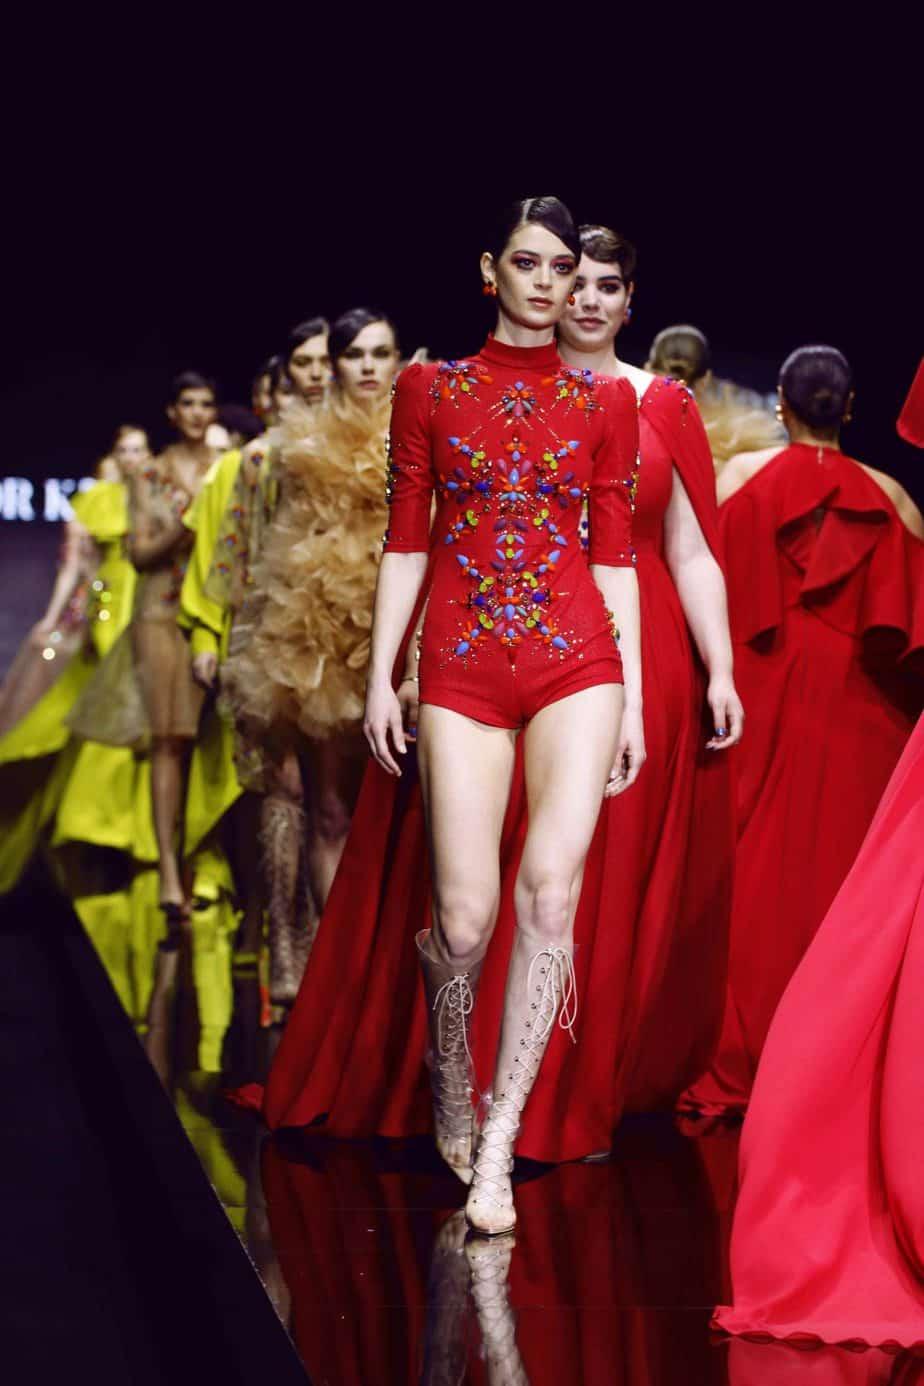 דרור קונטנטו. שבוע האופנה תל אביב. צילום עומר רביבי - 1